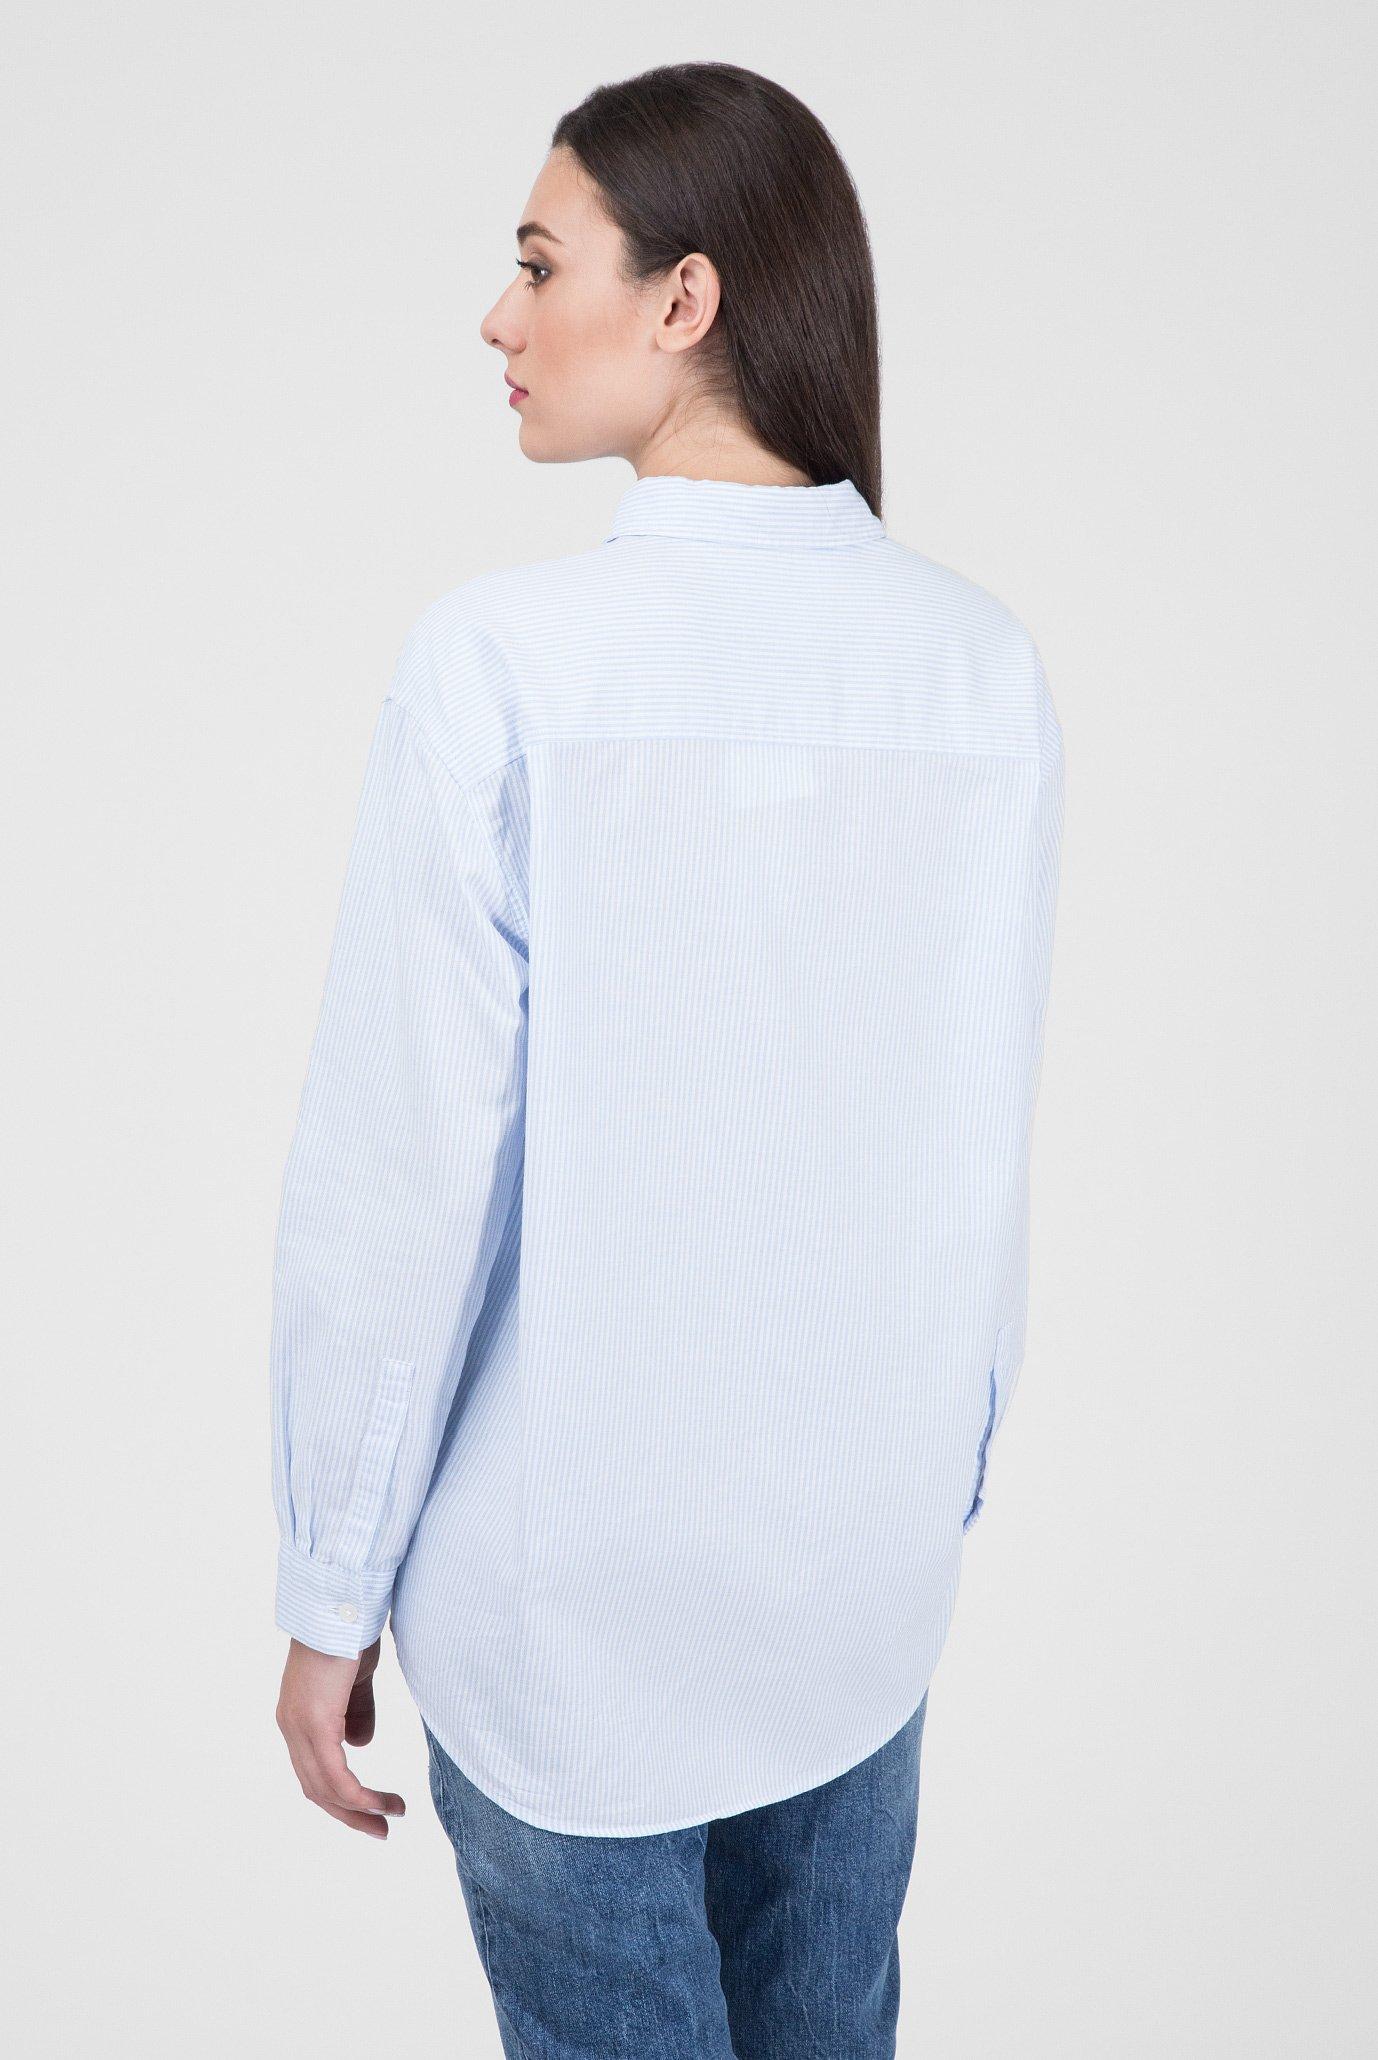 Купить Женская белая рубашка в полоску ICON Tommy Hilfiger Tommy Hilfiger WW0WW23724 – Киев, Украина. Цены в интернет магазине MD Fashion